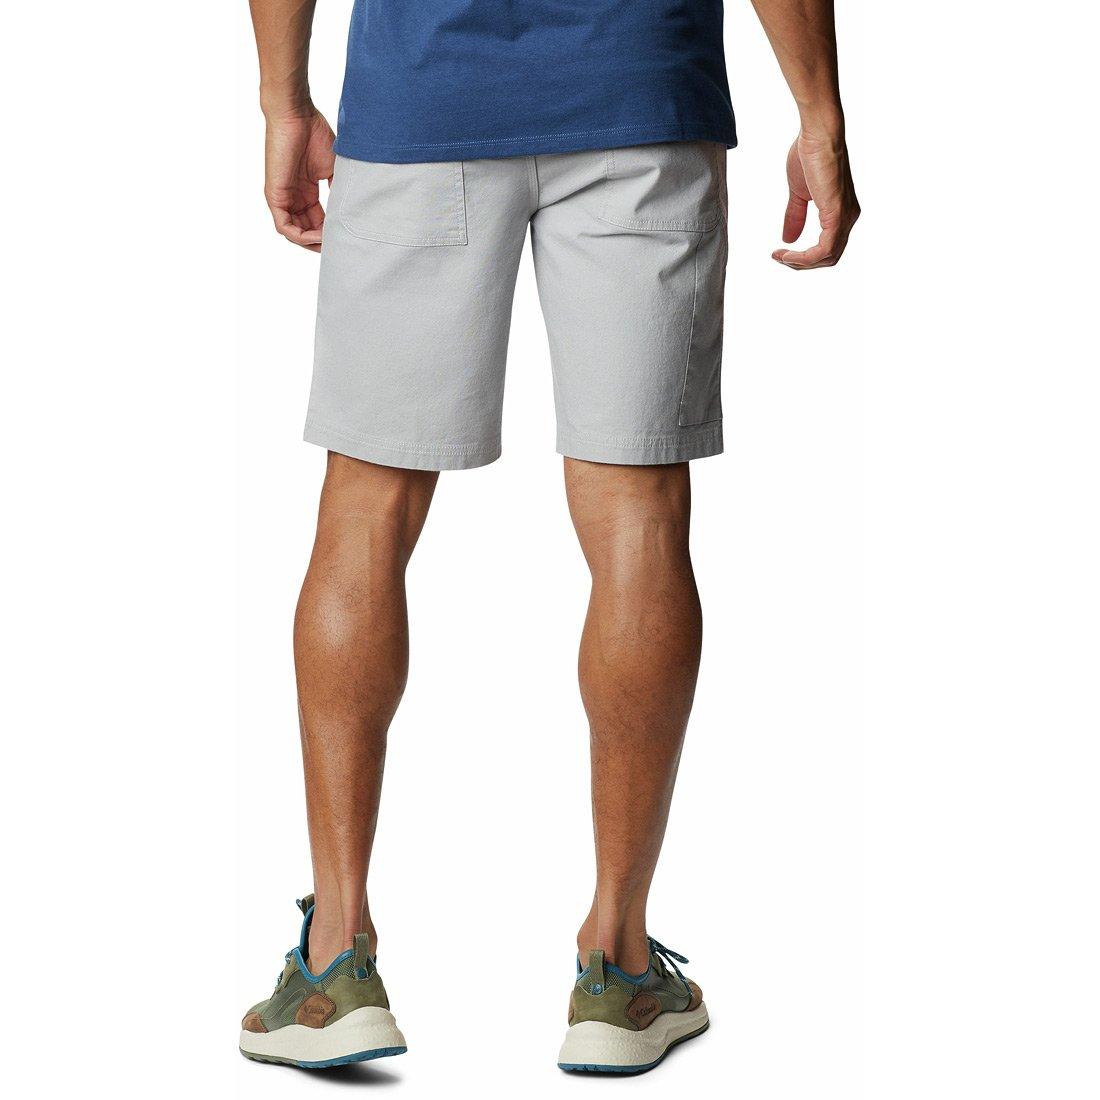 מכנסי דגמח קצרים לגברים - Rugged Ridge Out Short - Columbia